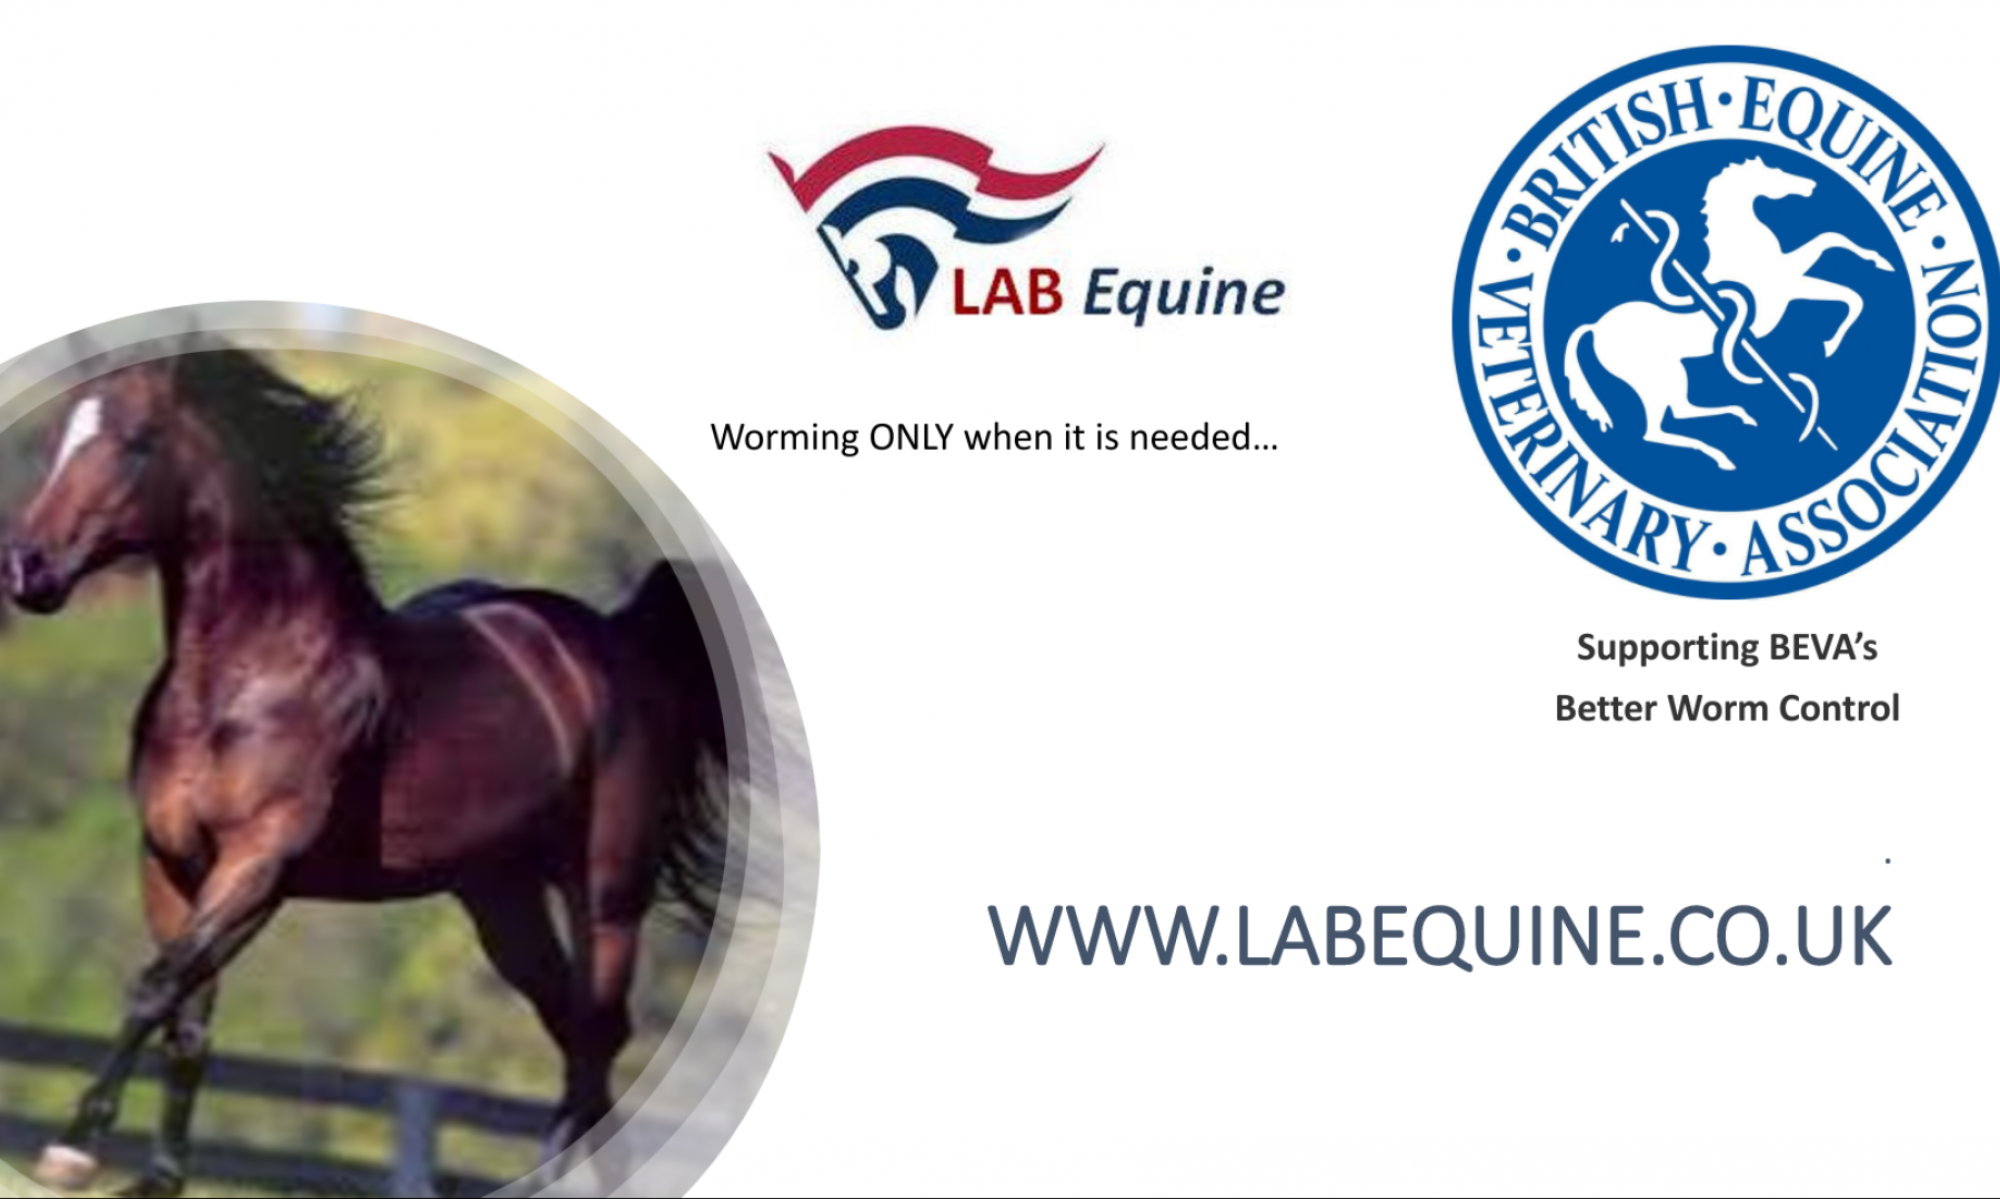 LAB Equine